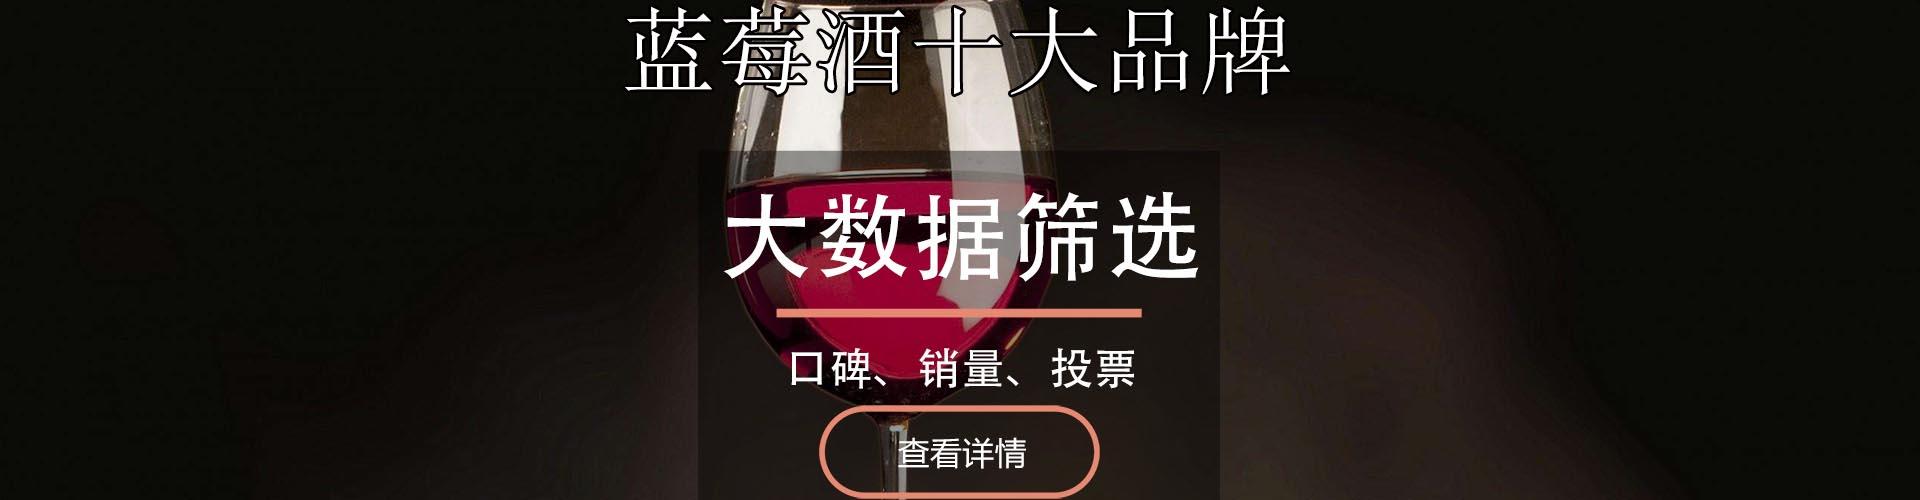 蓝莓酒十大品牌排行榜